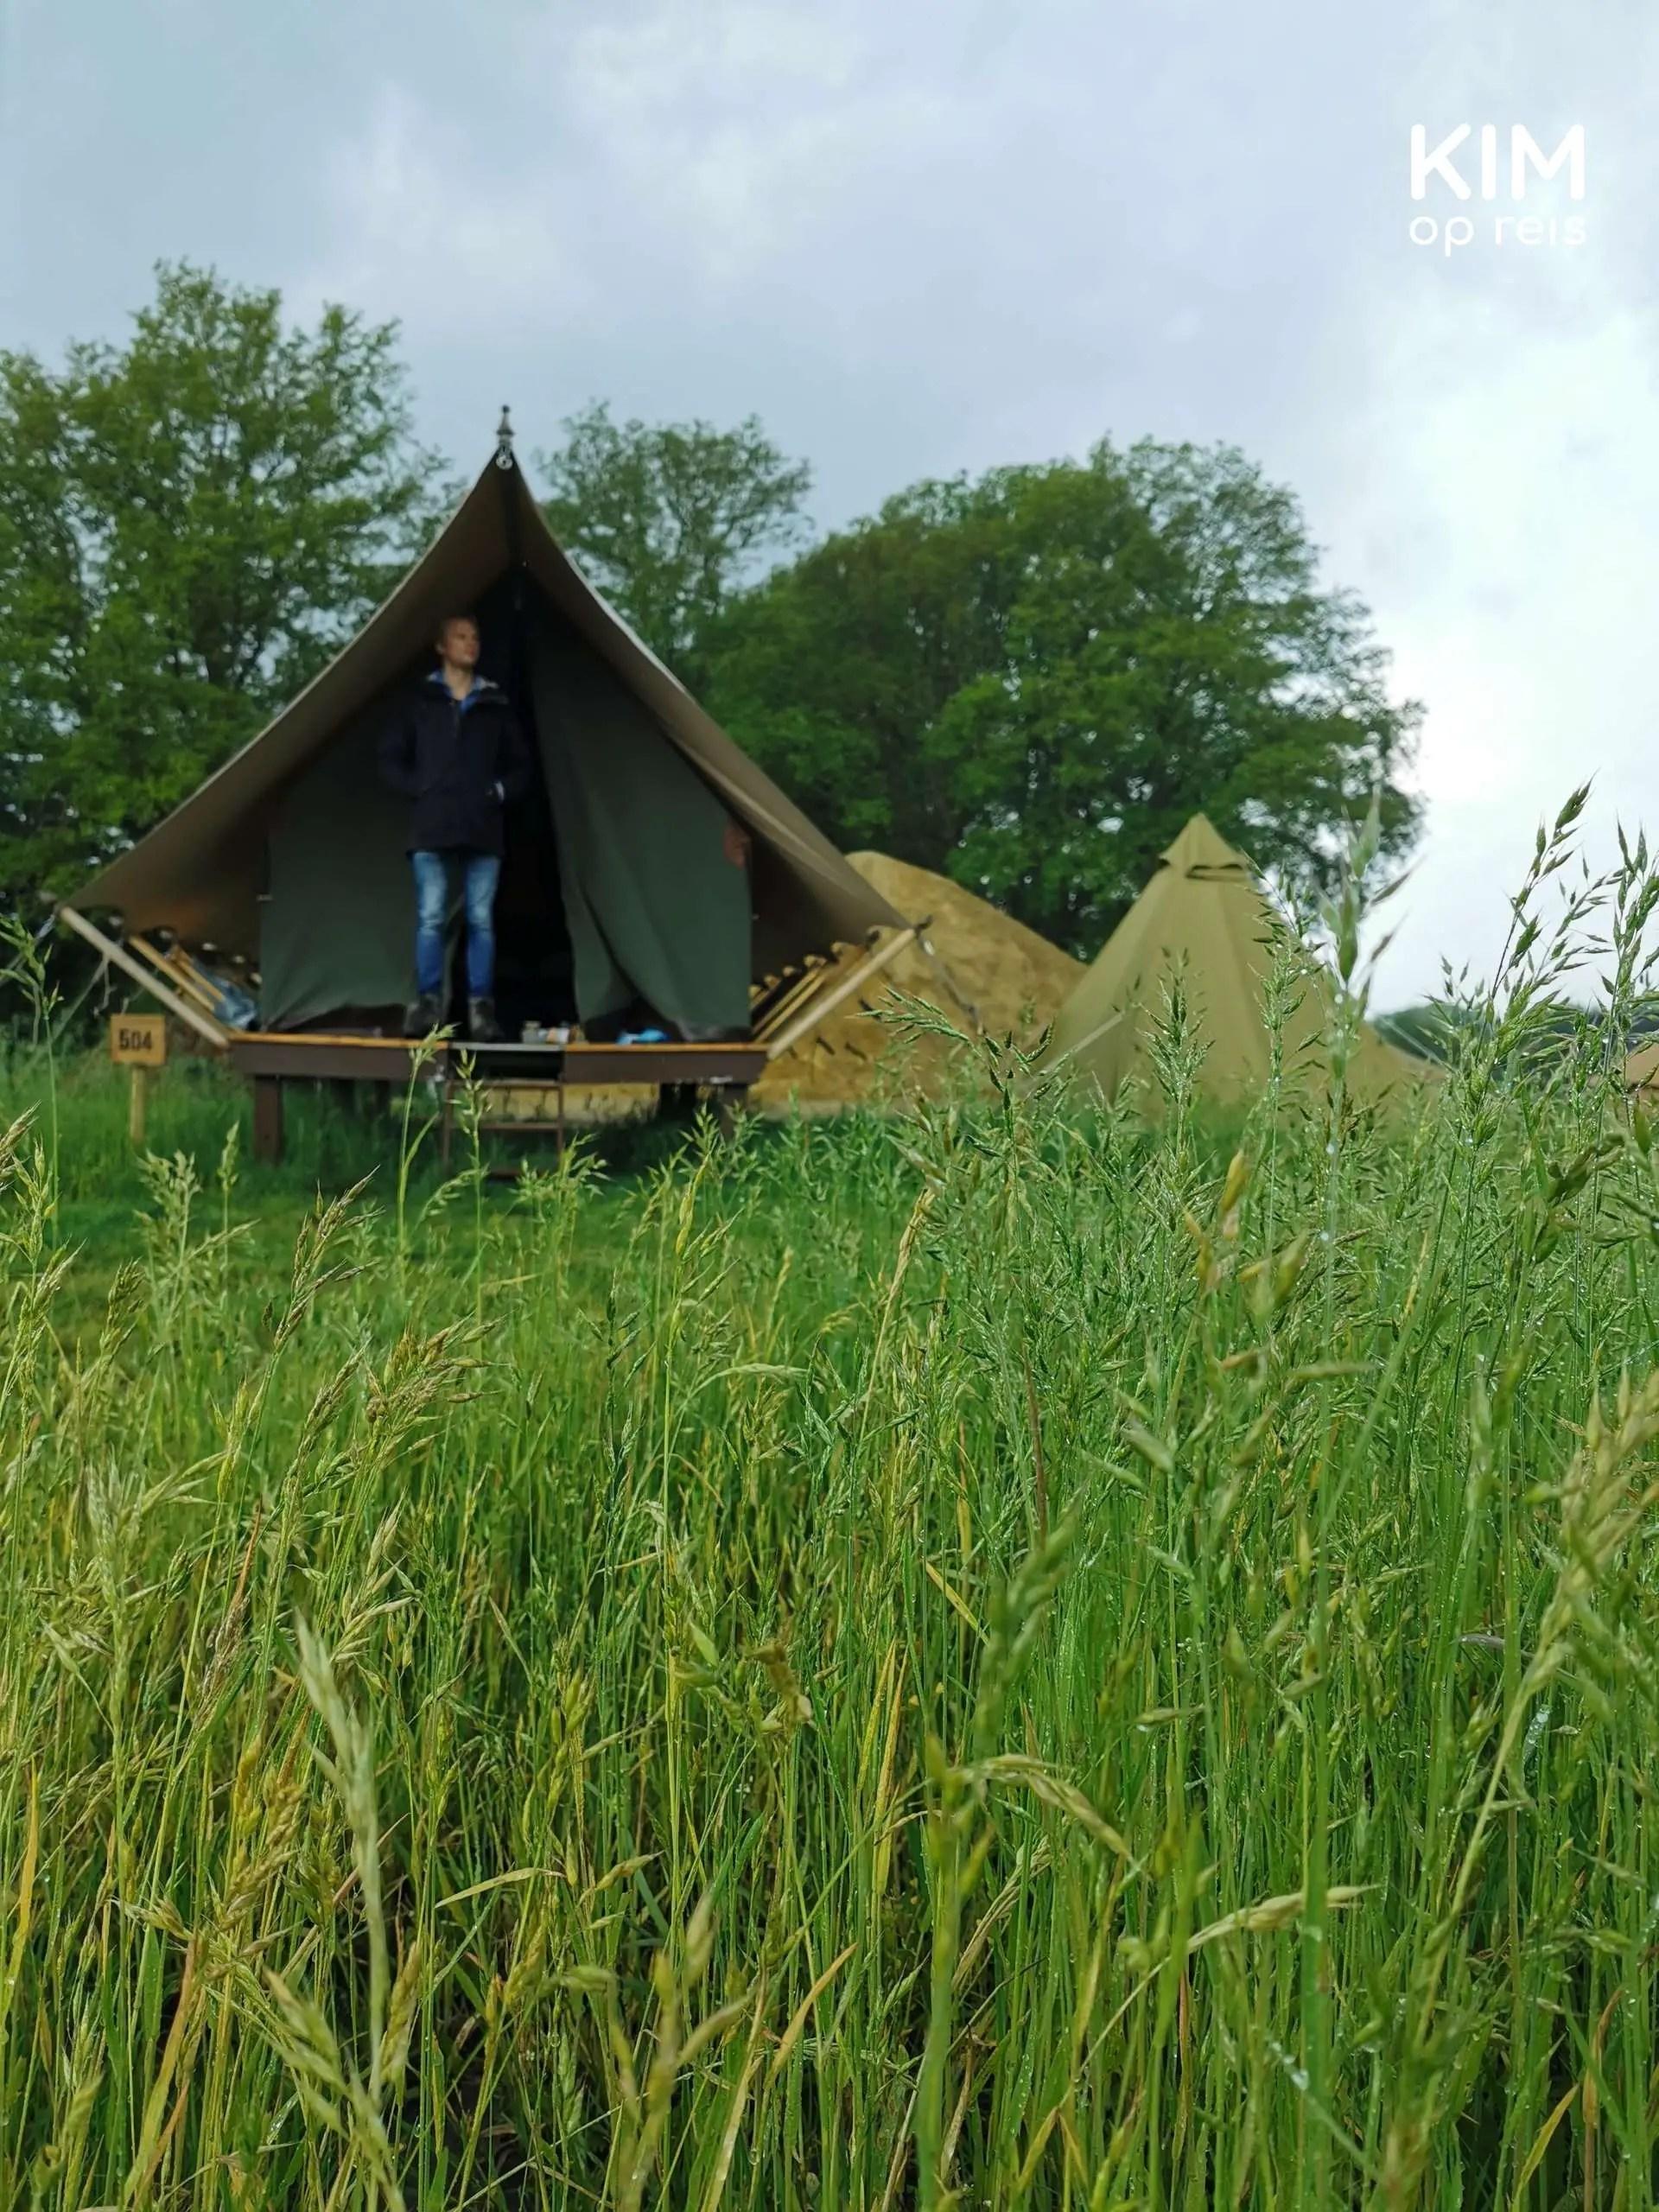 Awajitent glamping Bij de Buren: man staat in het tentje, op de voorgrond veel gras